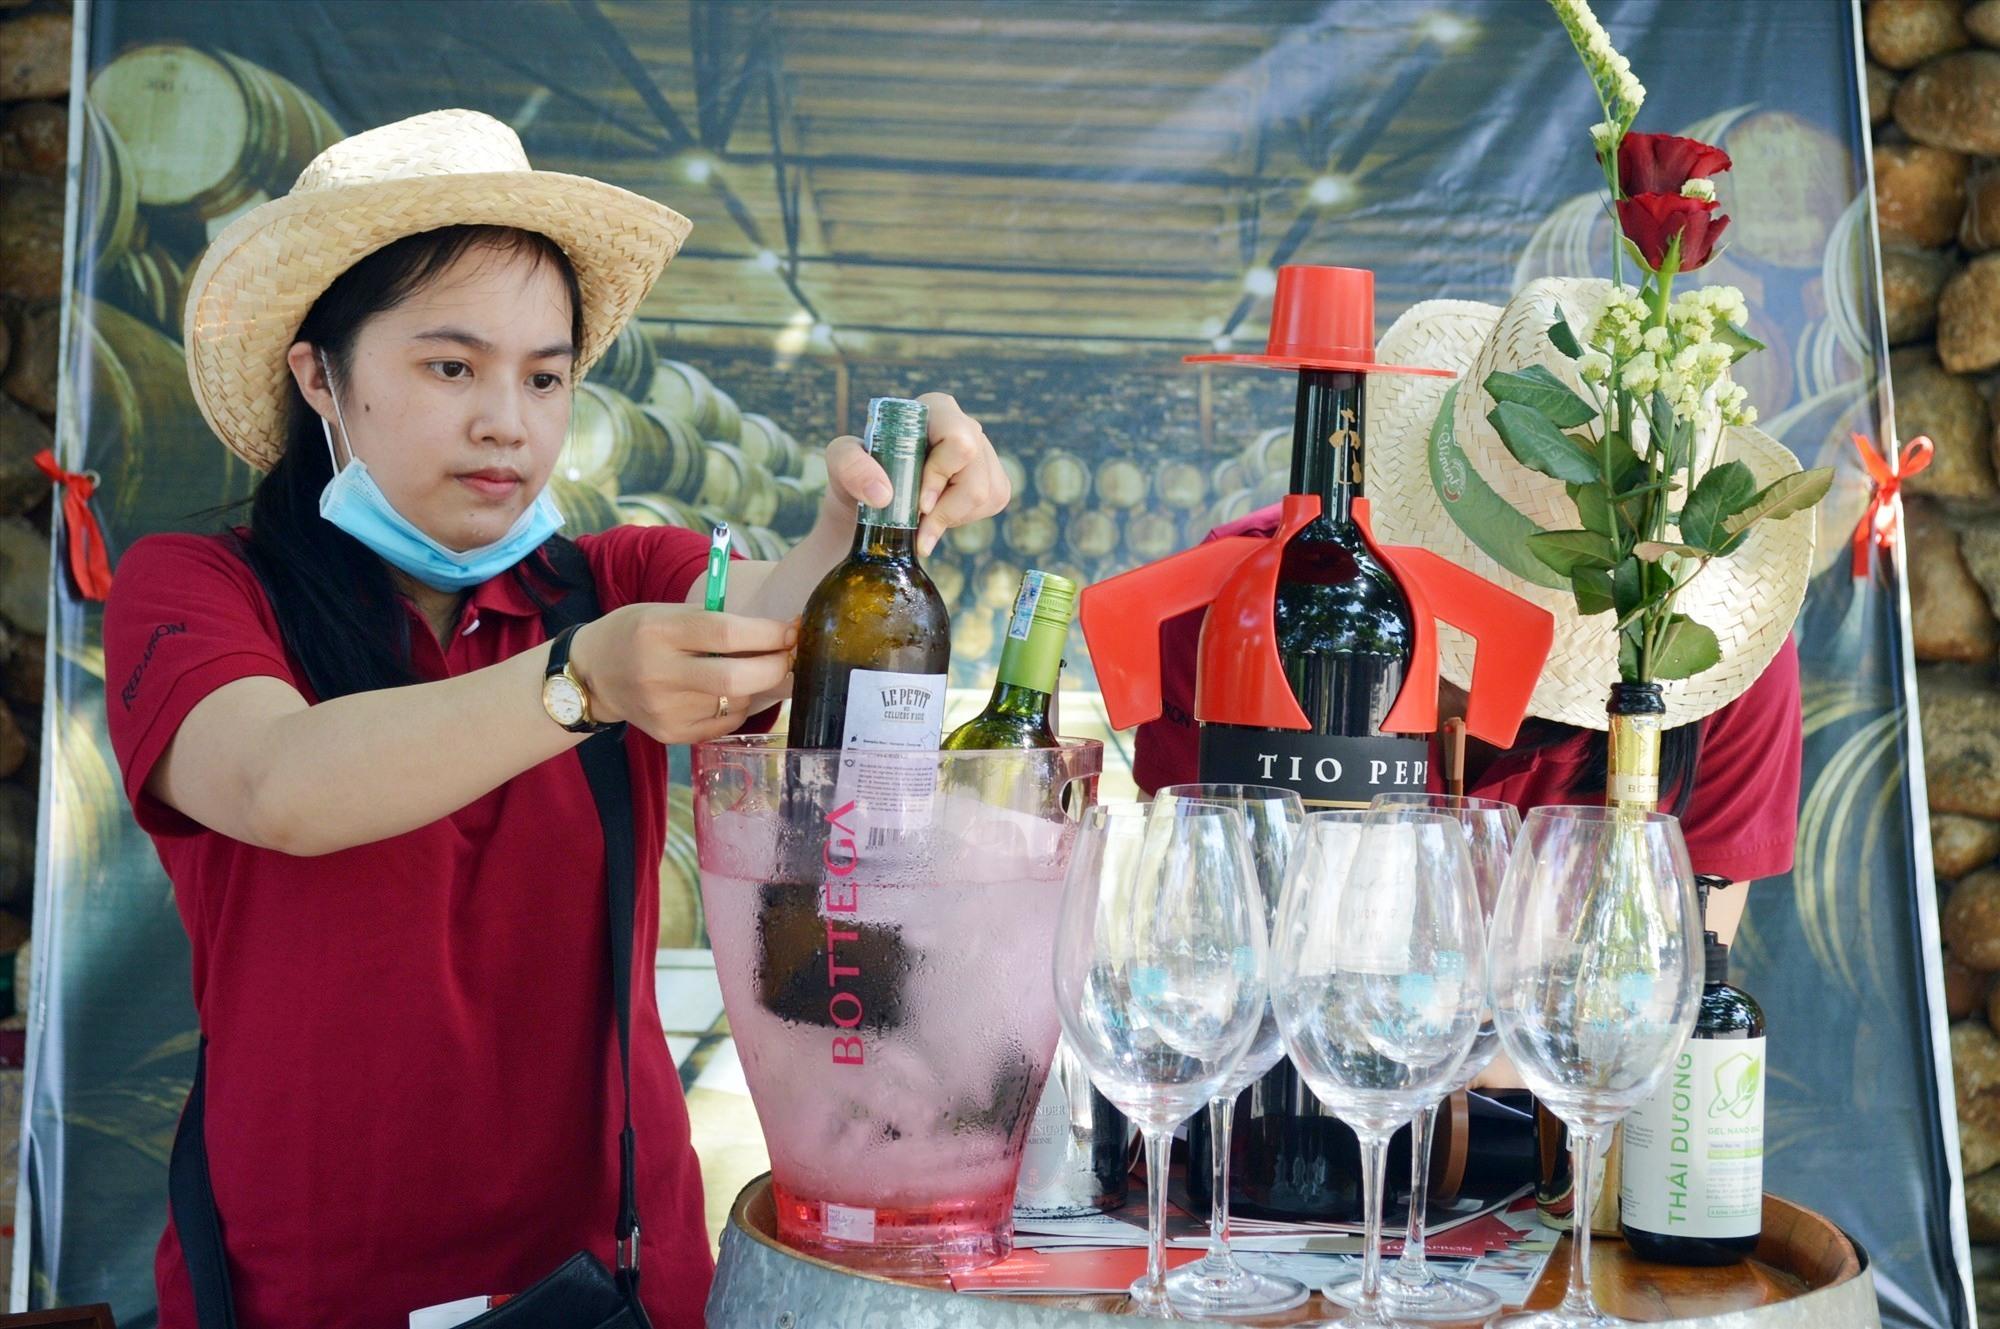 Ngoài mua sắm khách còn có cơ hội thưởng thức nhiều thức uống ngon